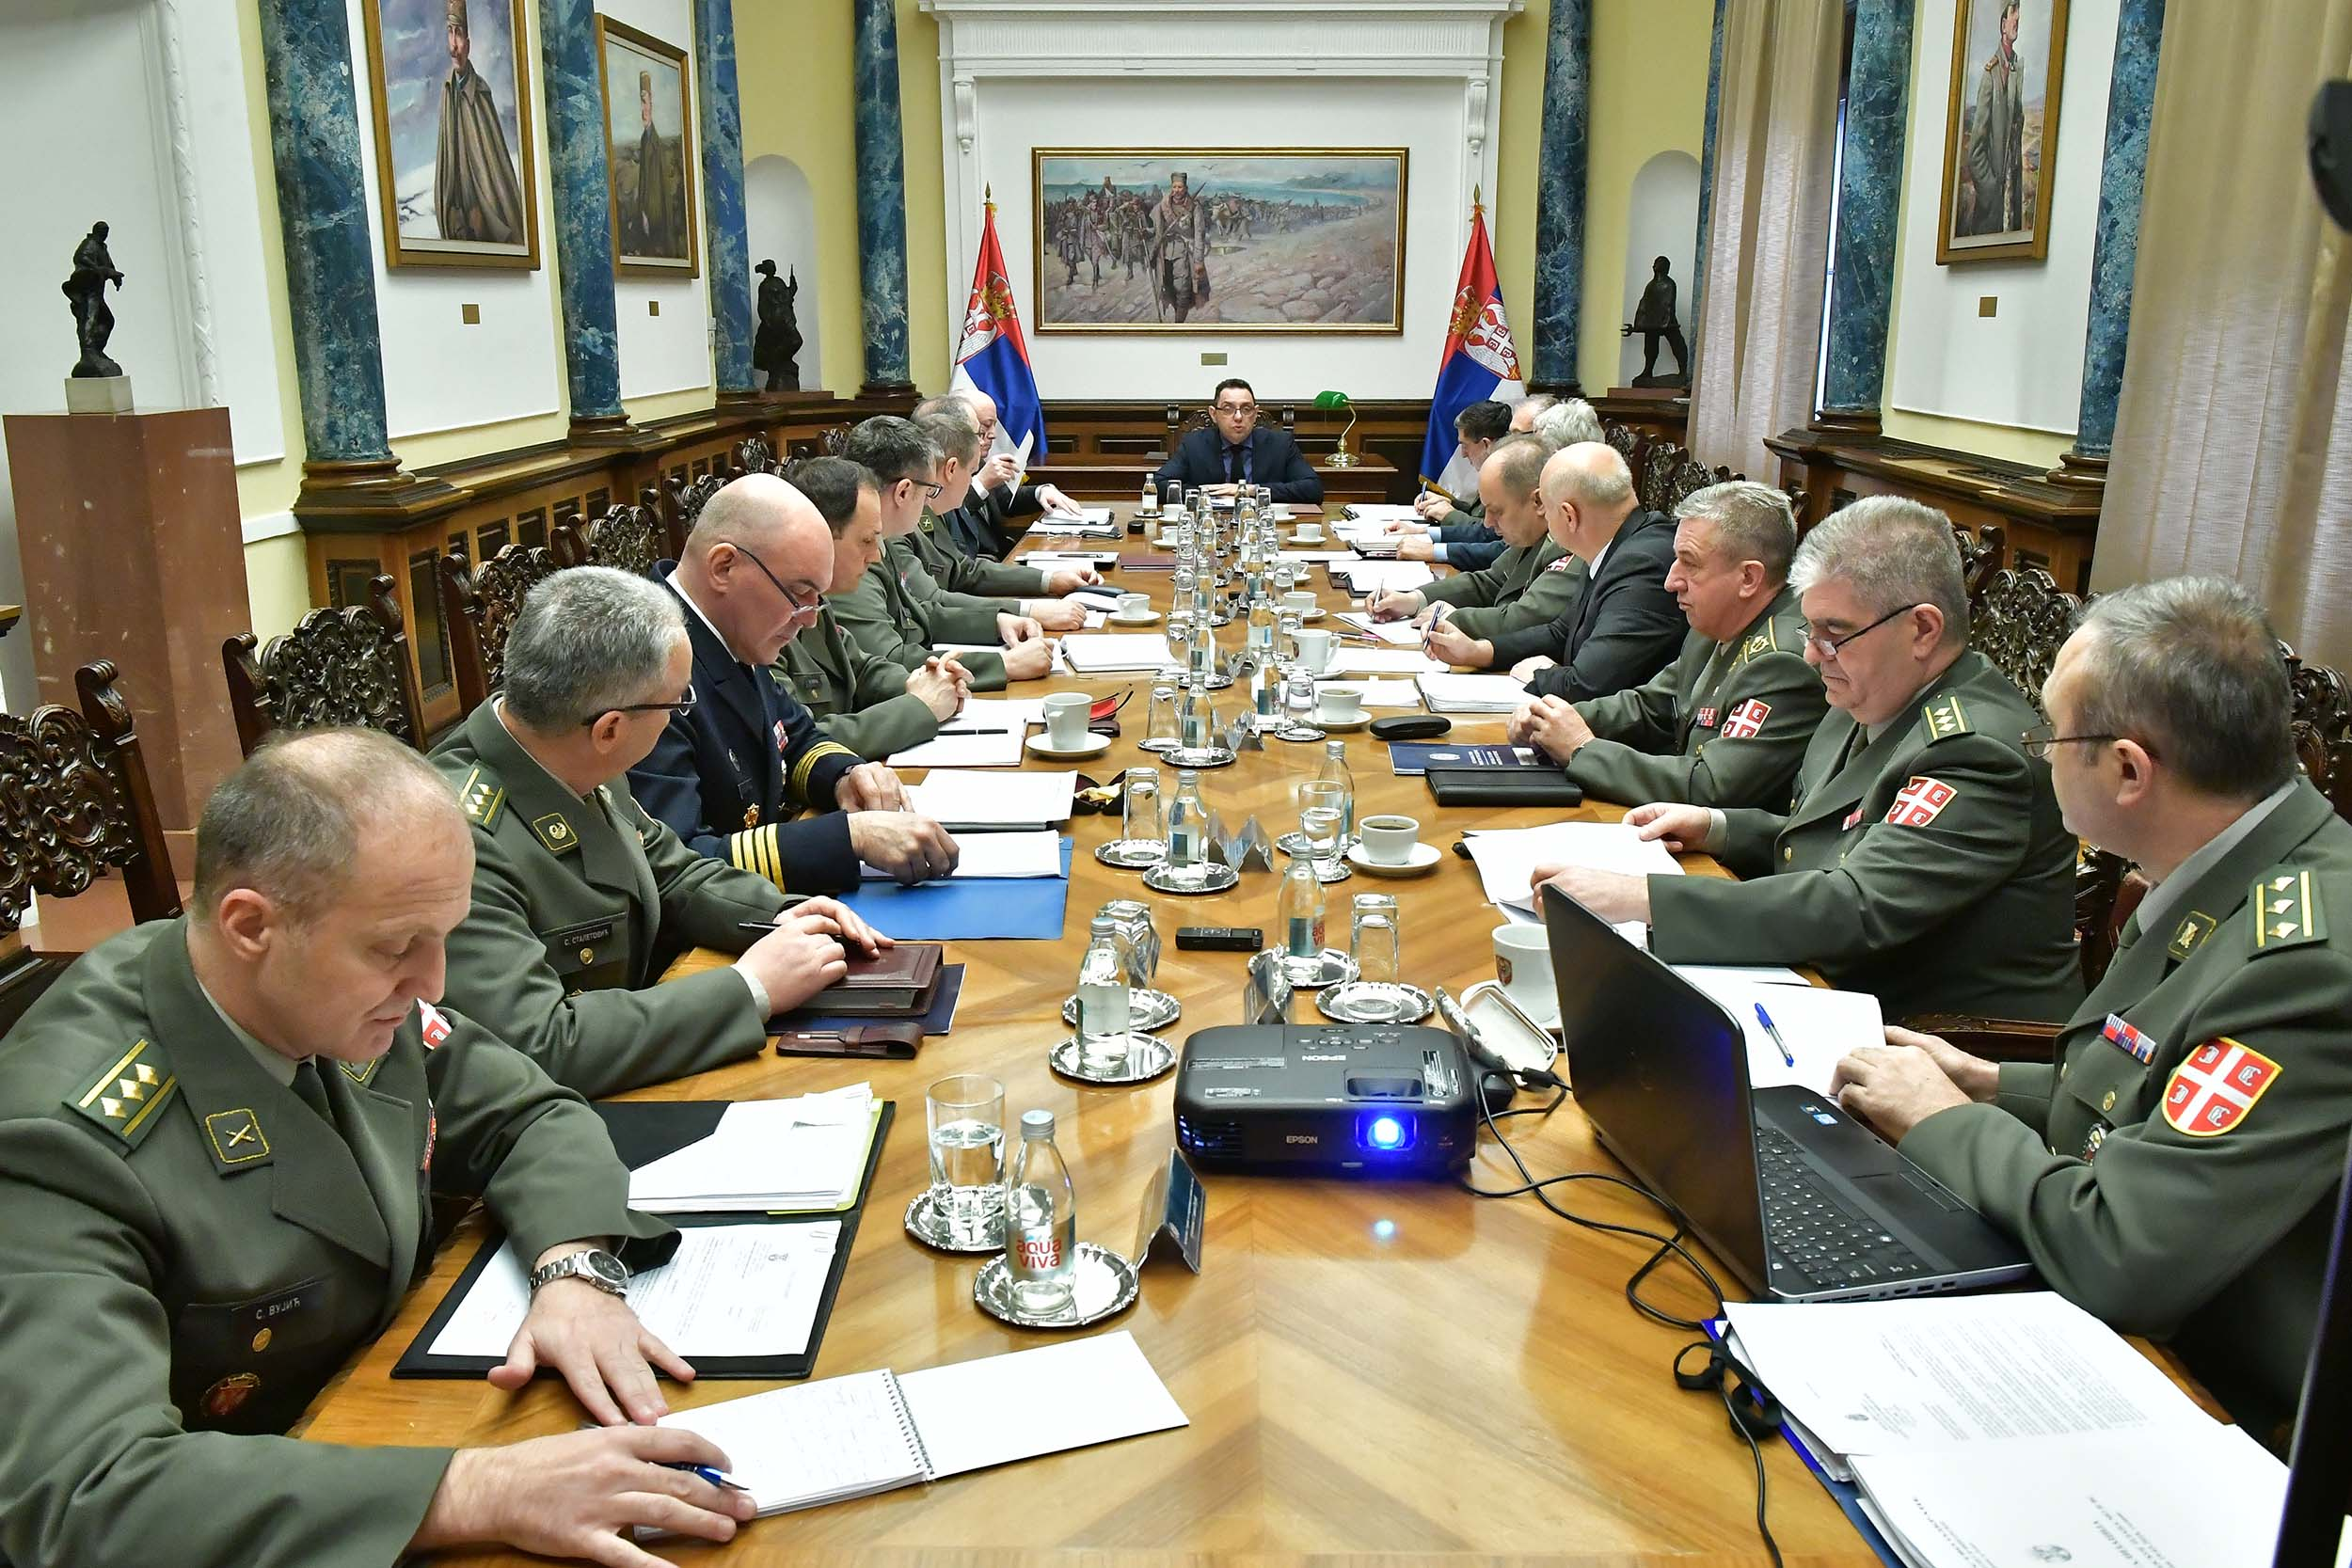 Побољшан визуелни идентитет припадника Војске Србије